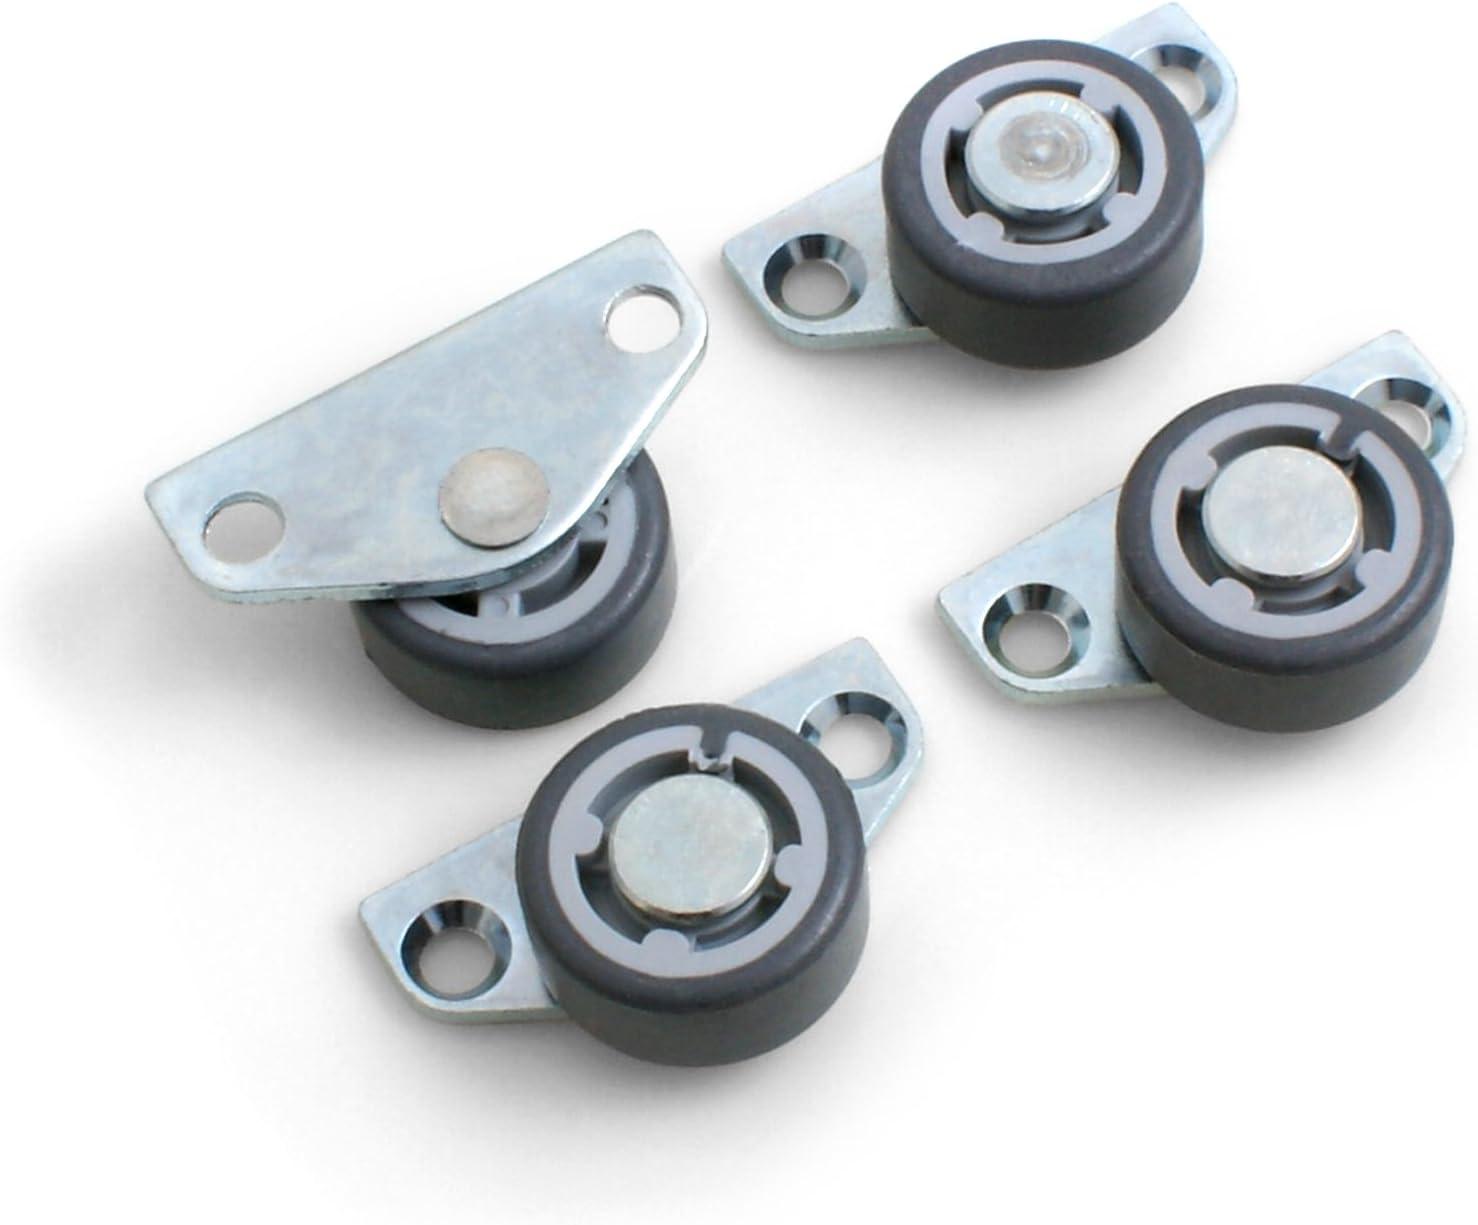 Ruedas para muebles // camas set de 4 unidades de Design61 ruedas laterales para parqu/é con banda de rodadura suave 30 x 14 mm